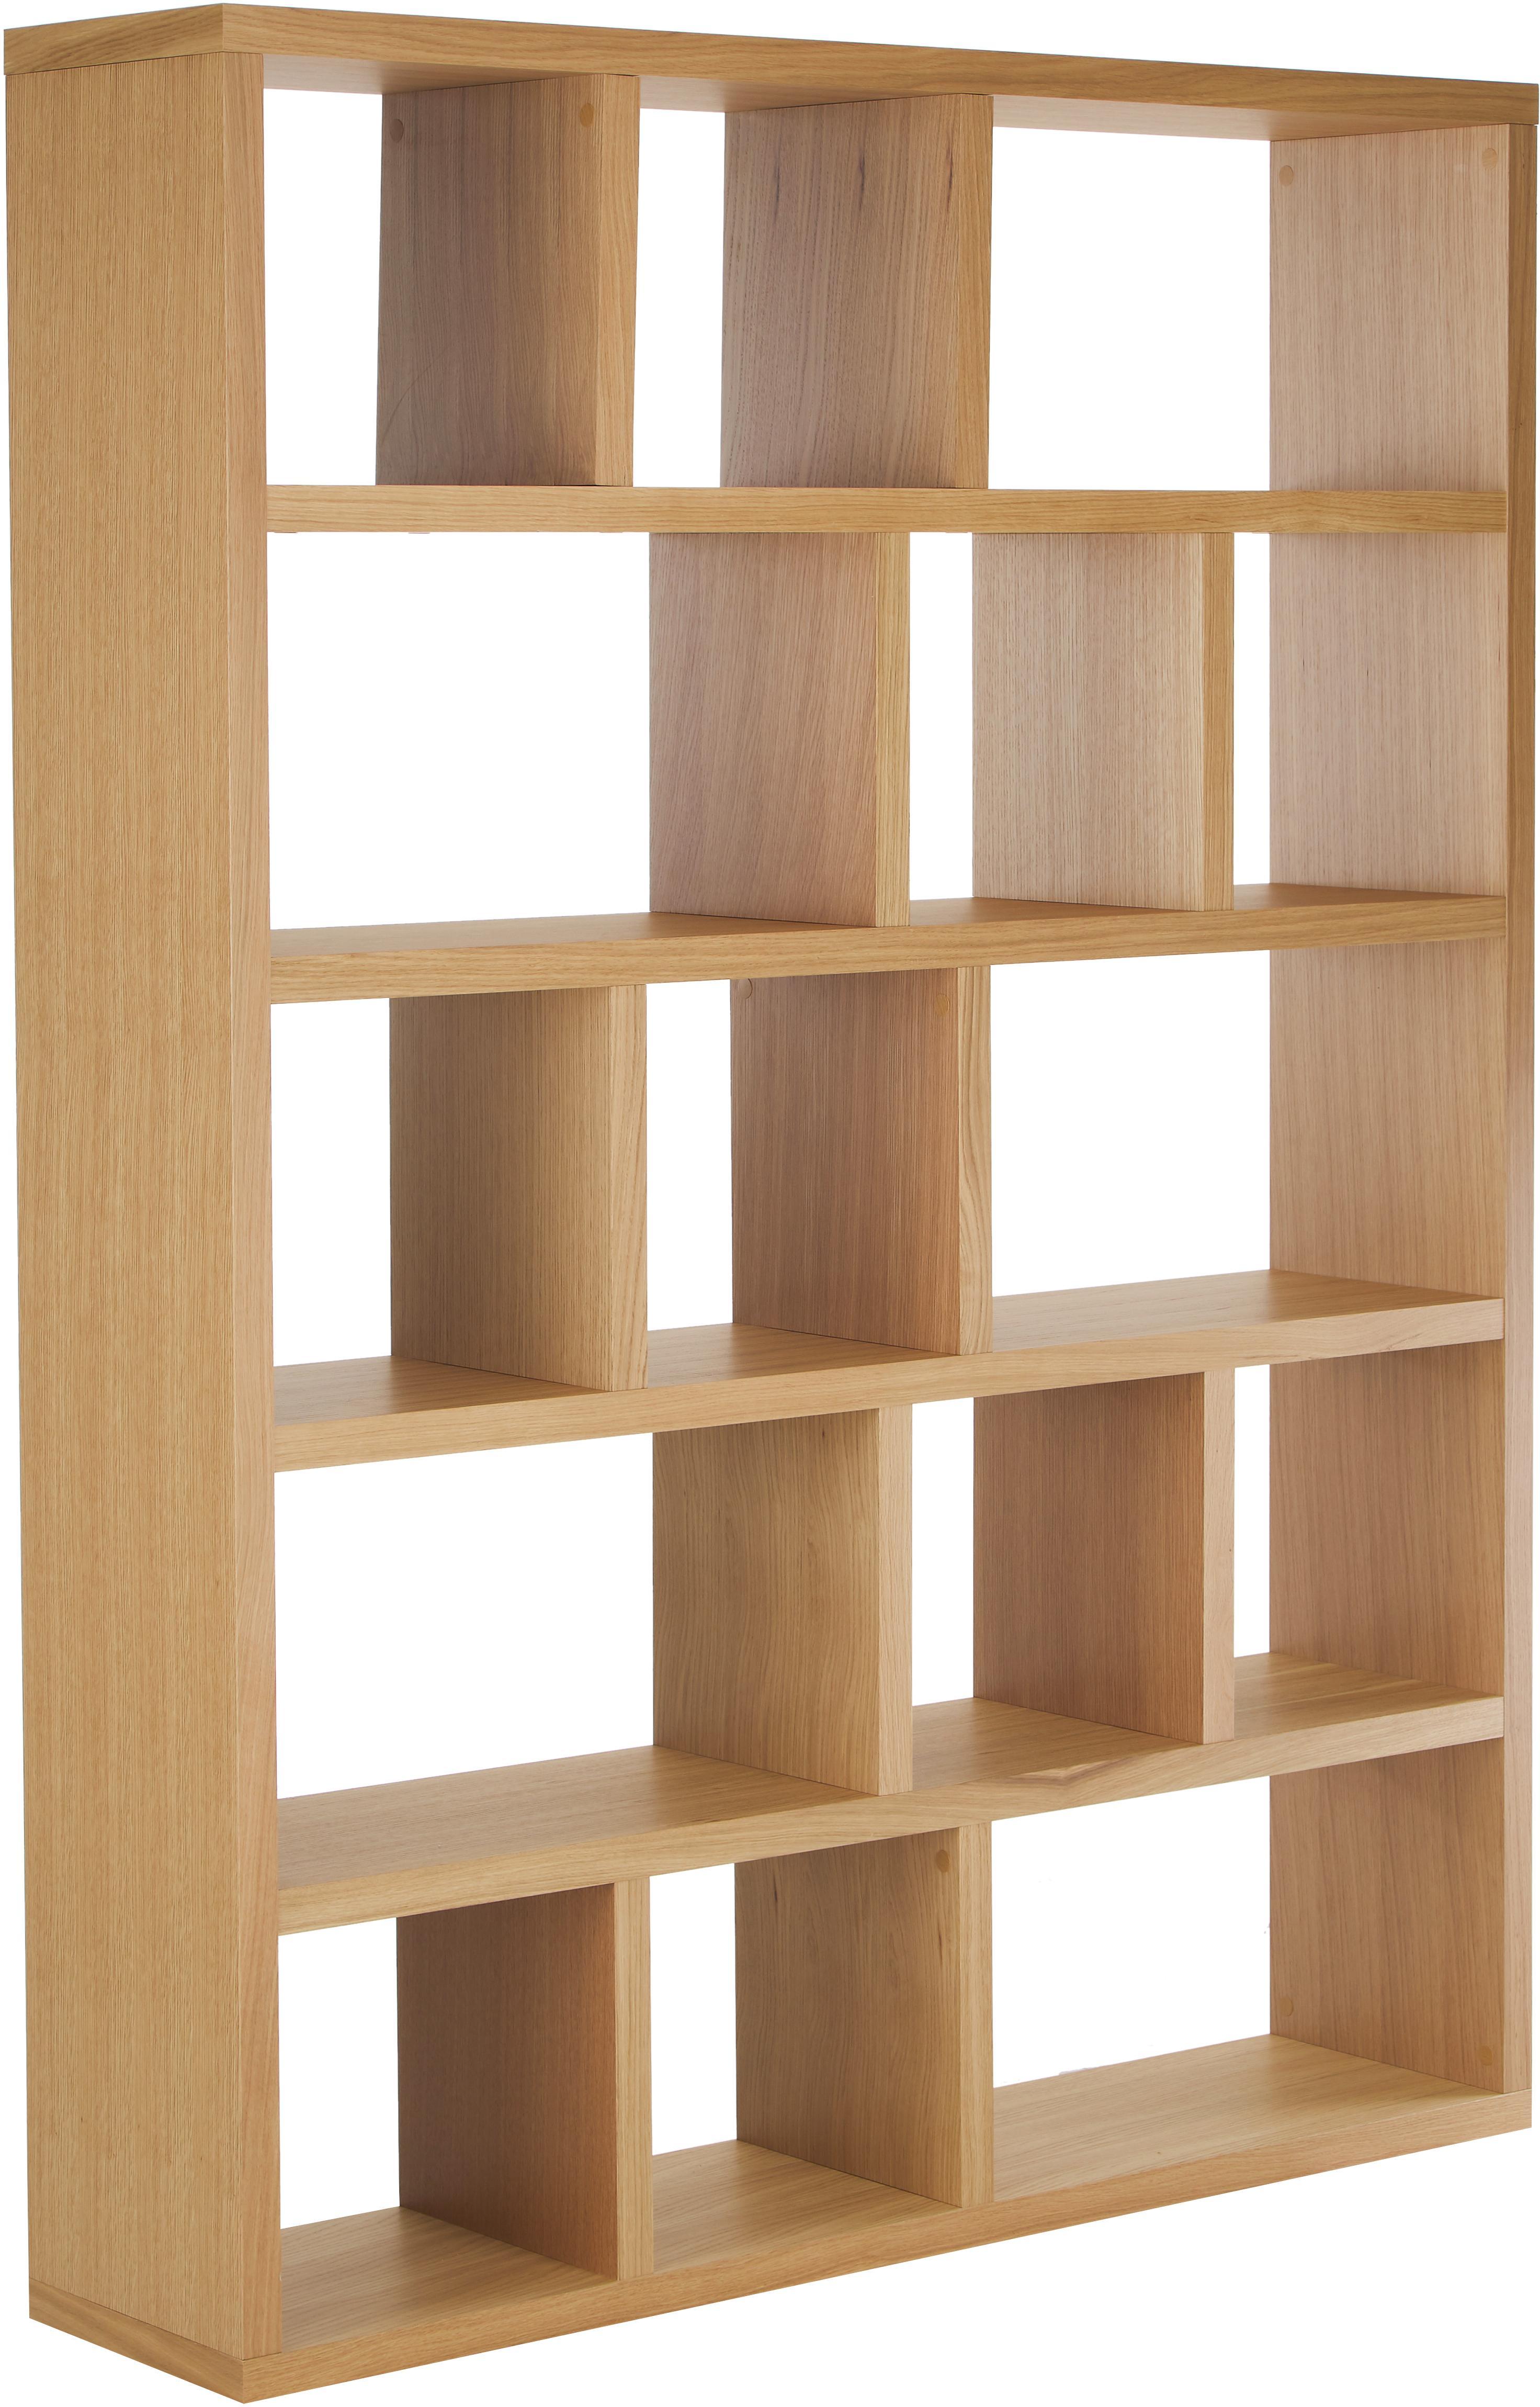 Regał na książki z drewna Portlyn, Drewno dębowe, brązowy, S 150 x W 198 cm